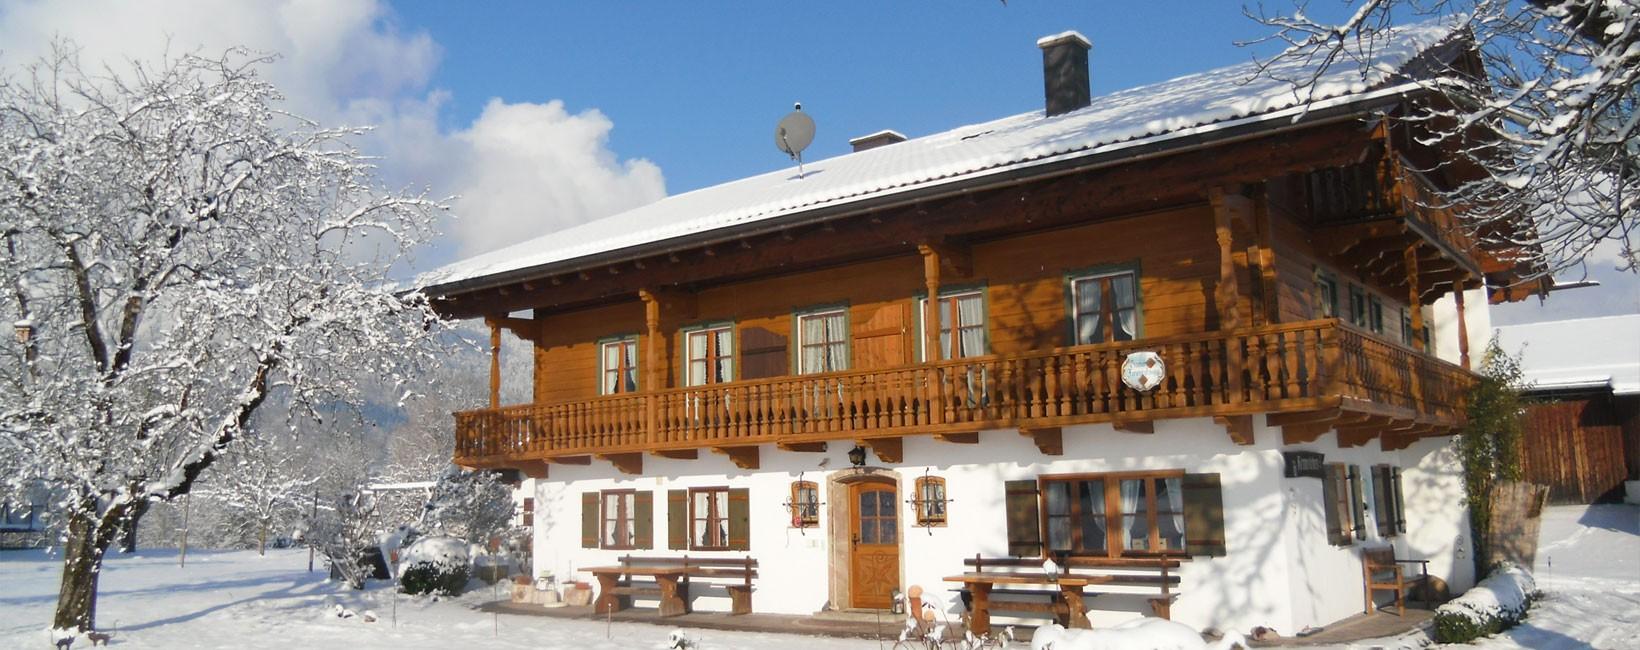 Gästehaus Rennerlehen im Winter